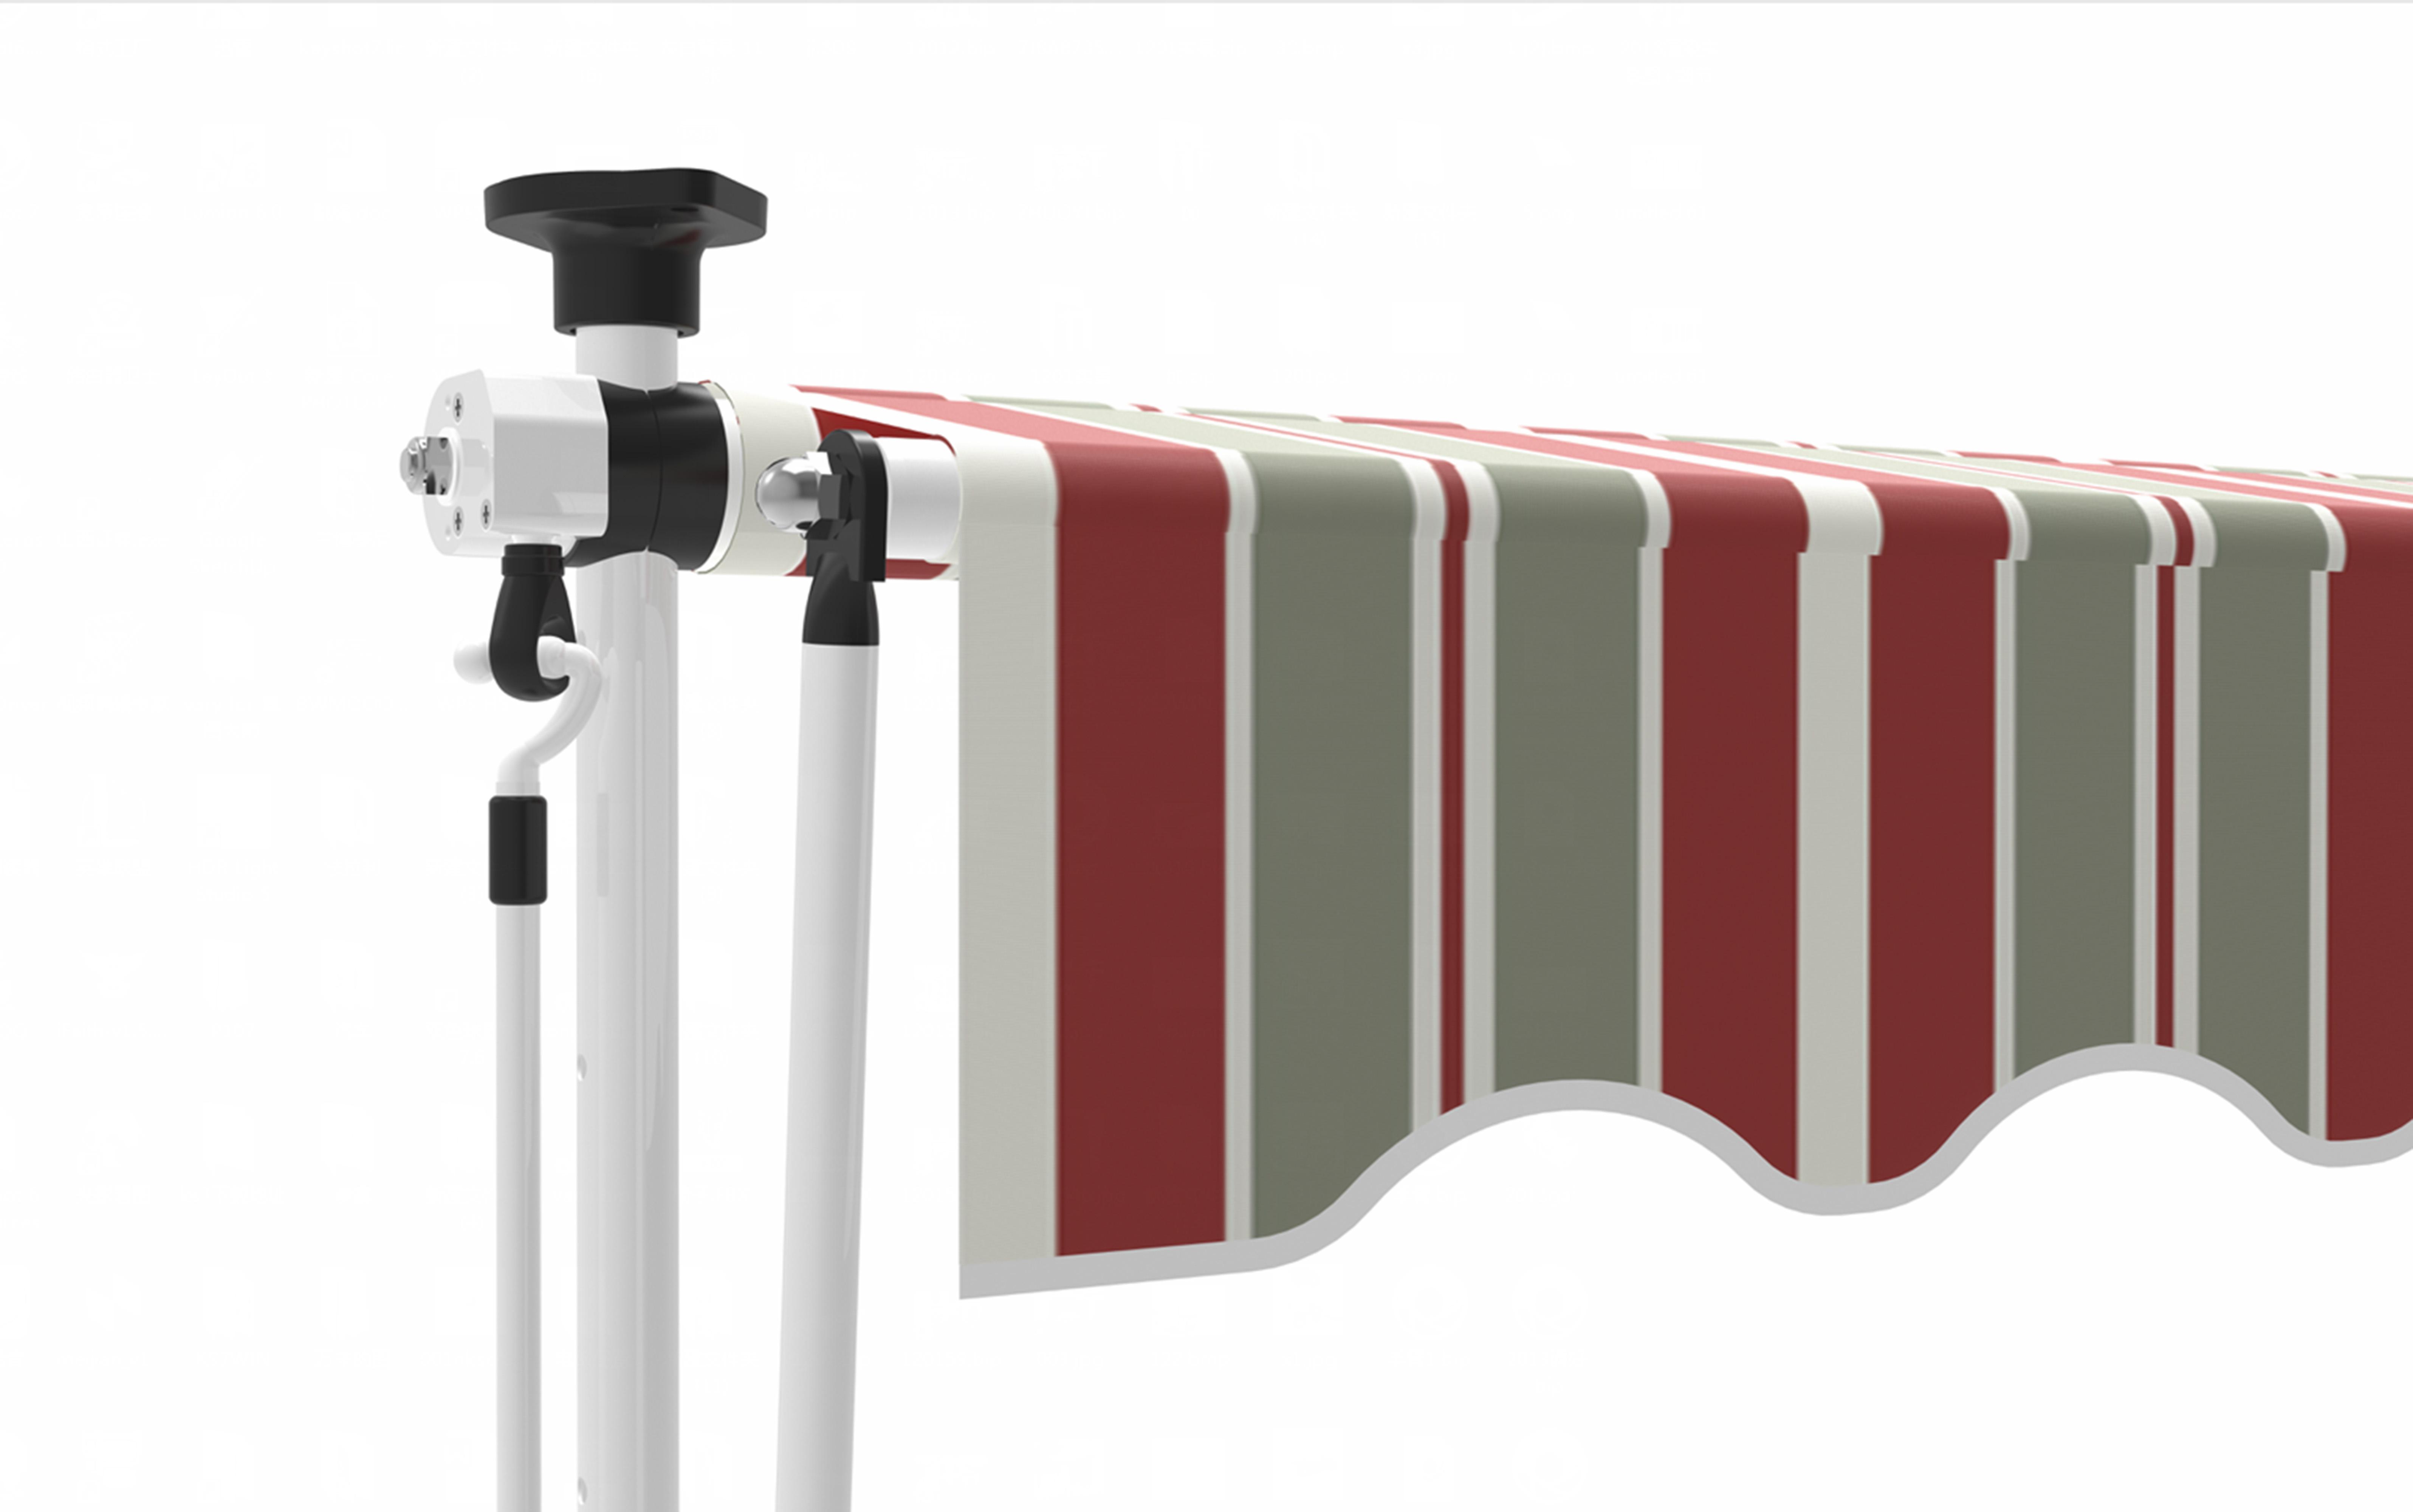 klemmmarkisen markise klemm markise klemmmarkise 250 150cm. Black Bedroom Furniture Sets. Home Design Ideas